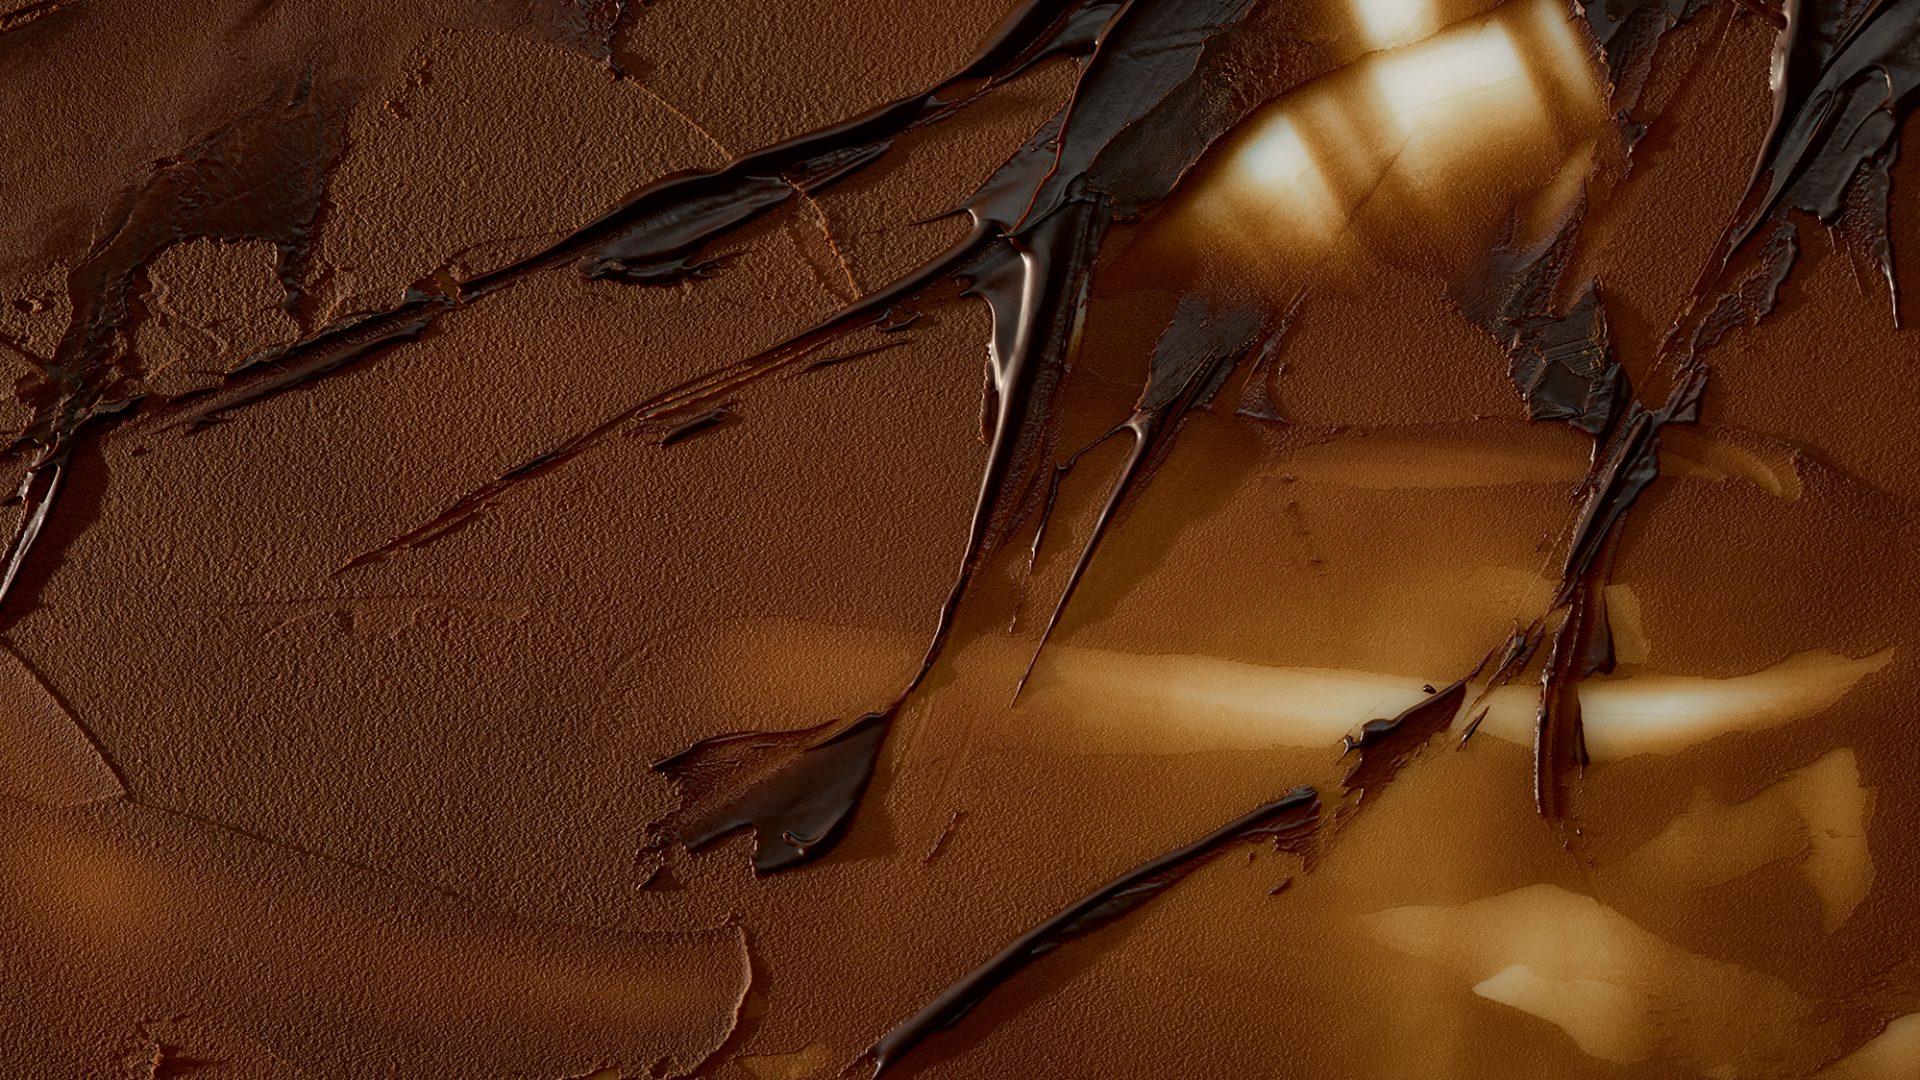 Die Markenstrategie findet ihre Ausprägung in den von Realgestalt entwickelten Key Visuals. Fotos purer Schokolade stehen für die Reinheit der Produkte. Sie kommen großformatig auf Verpackungen, Website, Geschäftsausstattung und im Schokoladenhaus zur Anwendung.